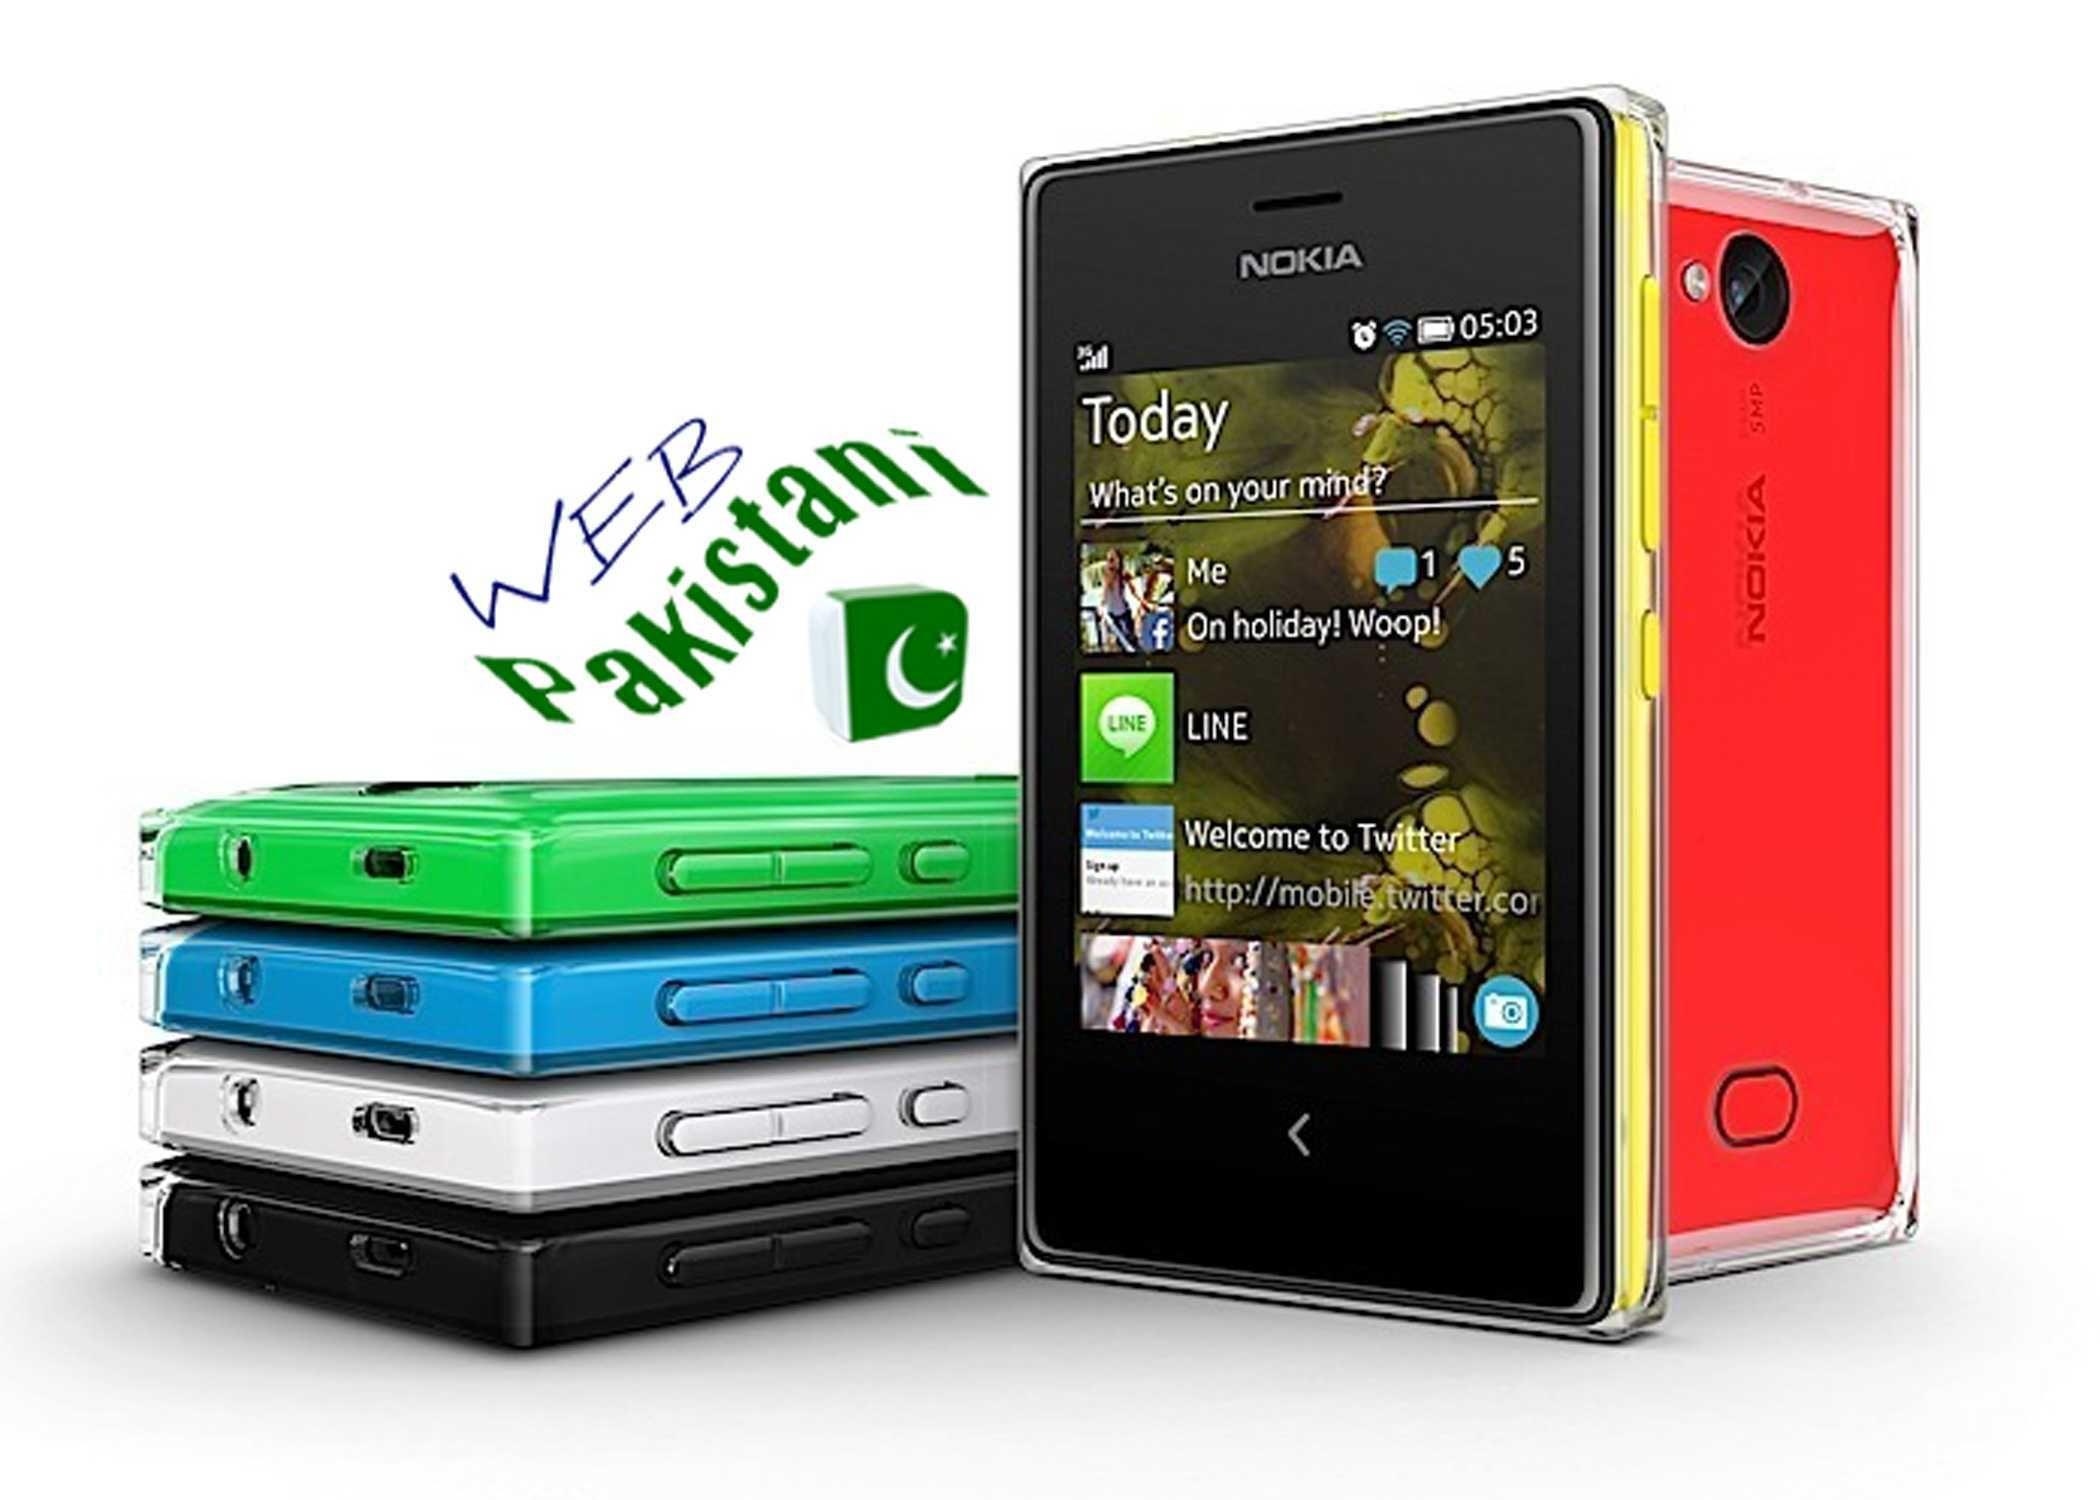 Nokia Asha 500 Phone Price in New Delhi, Mumbai, India